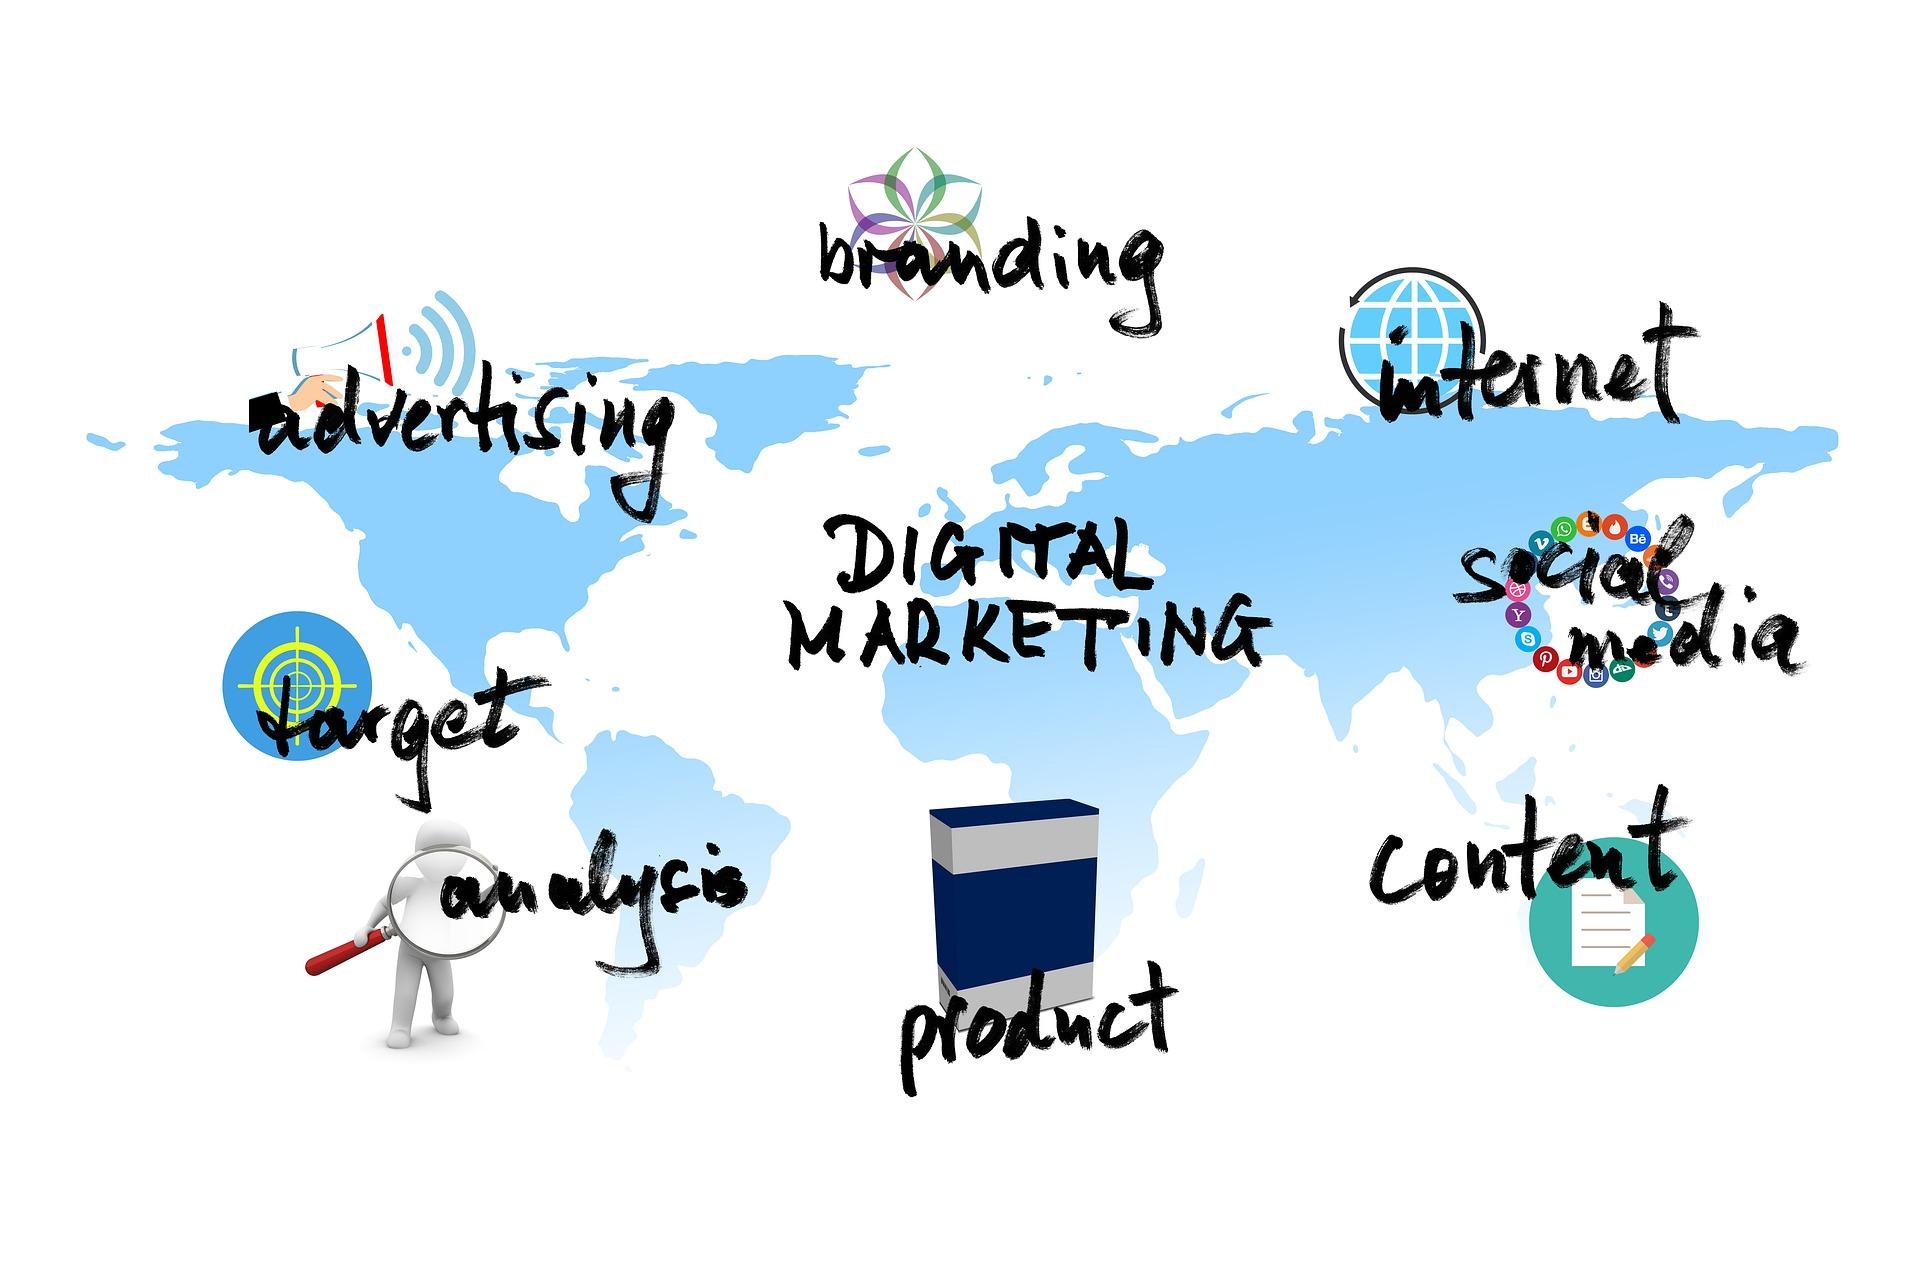 Dal content al social media: strategie di digital marketing